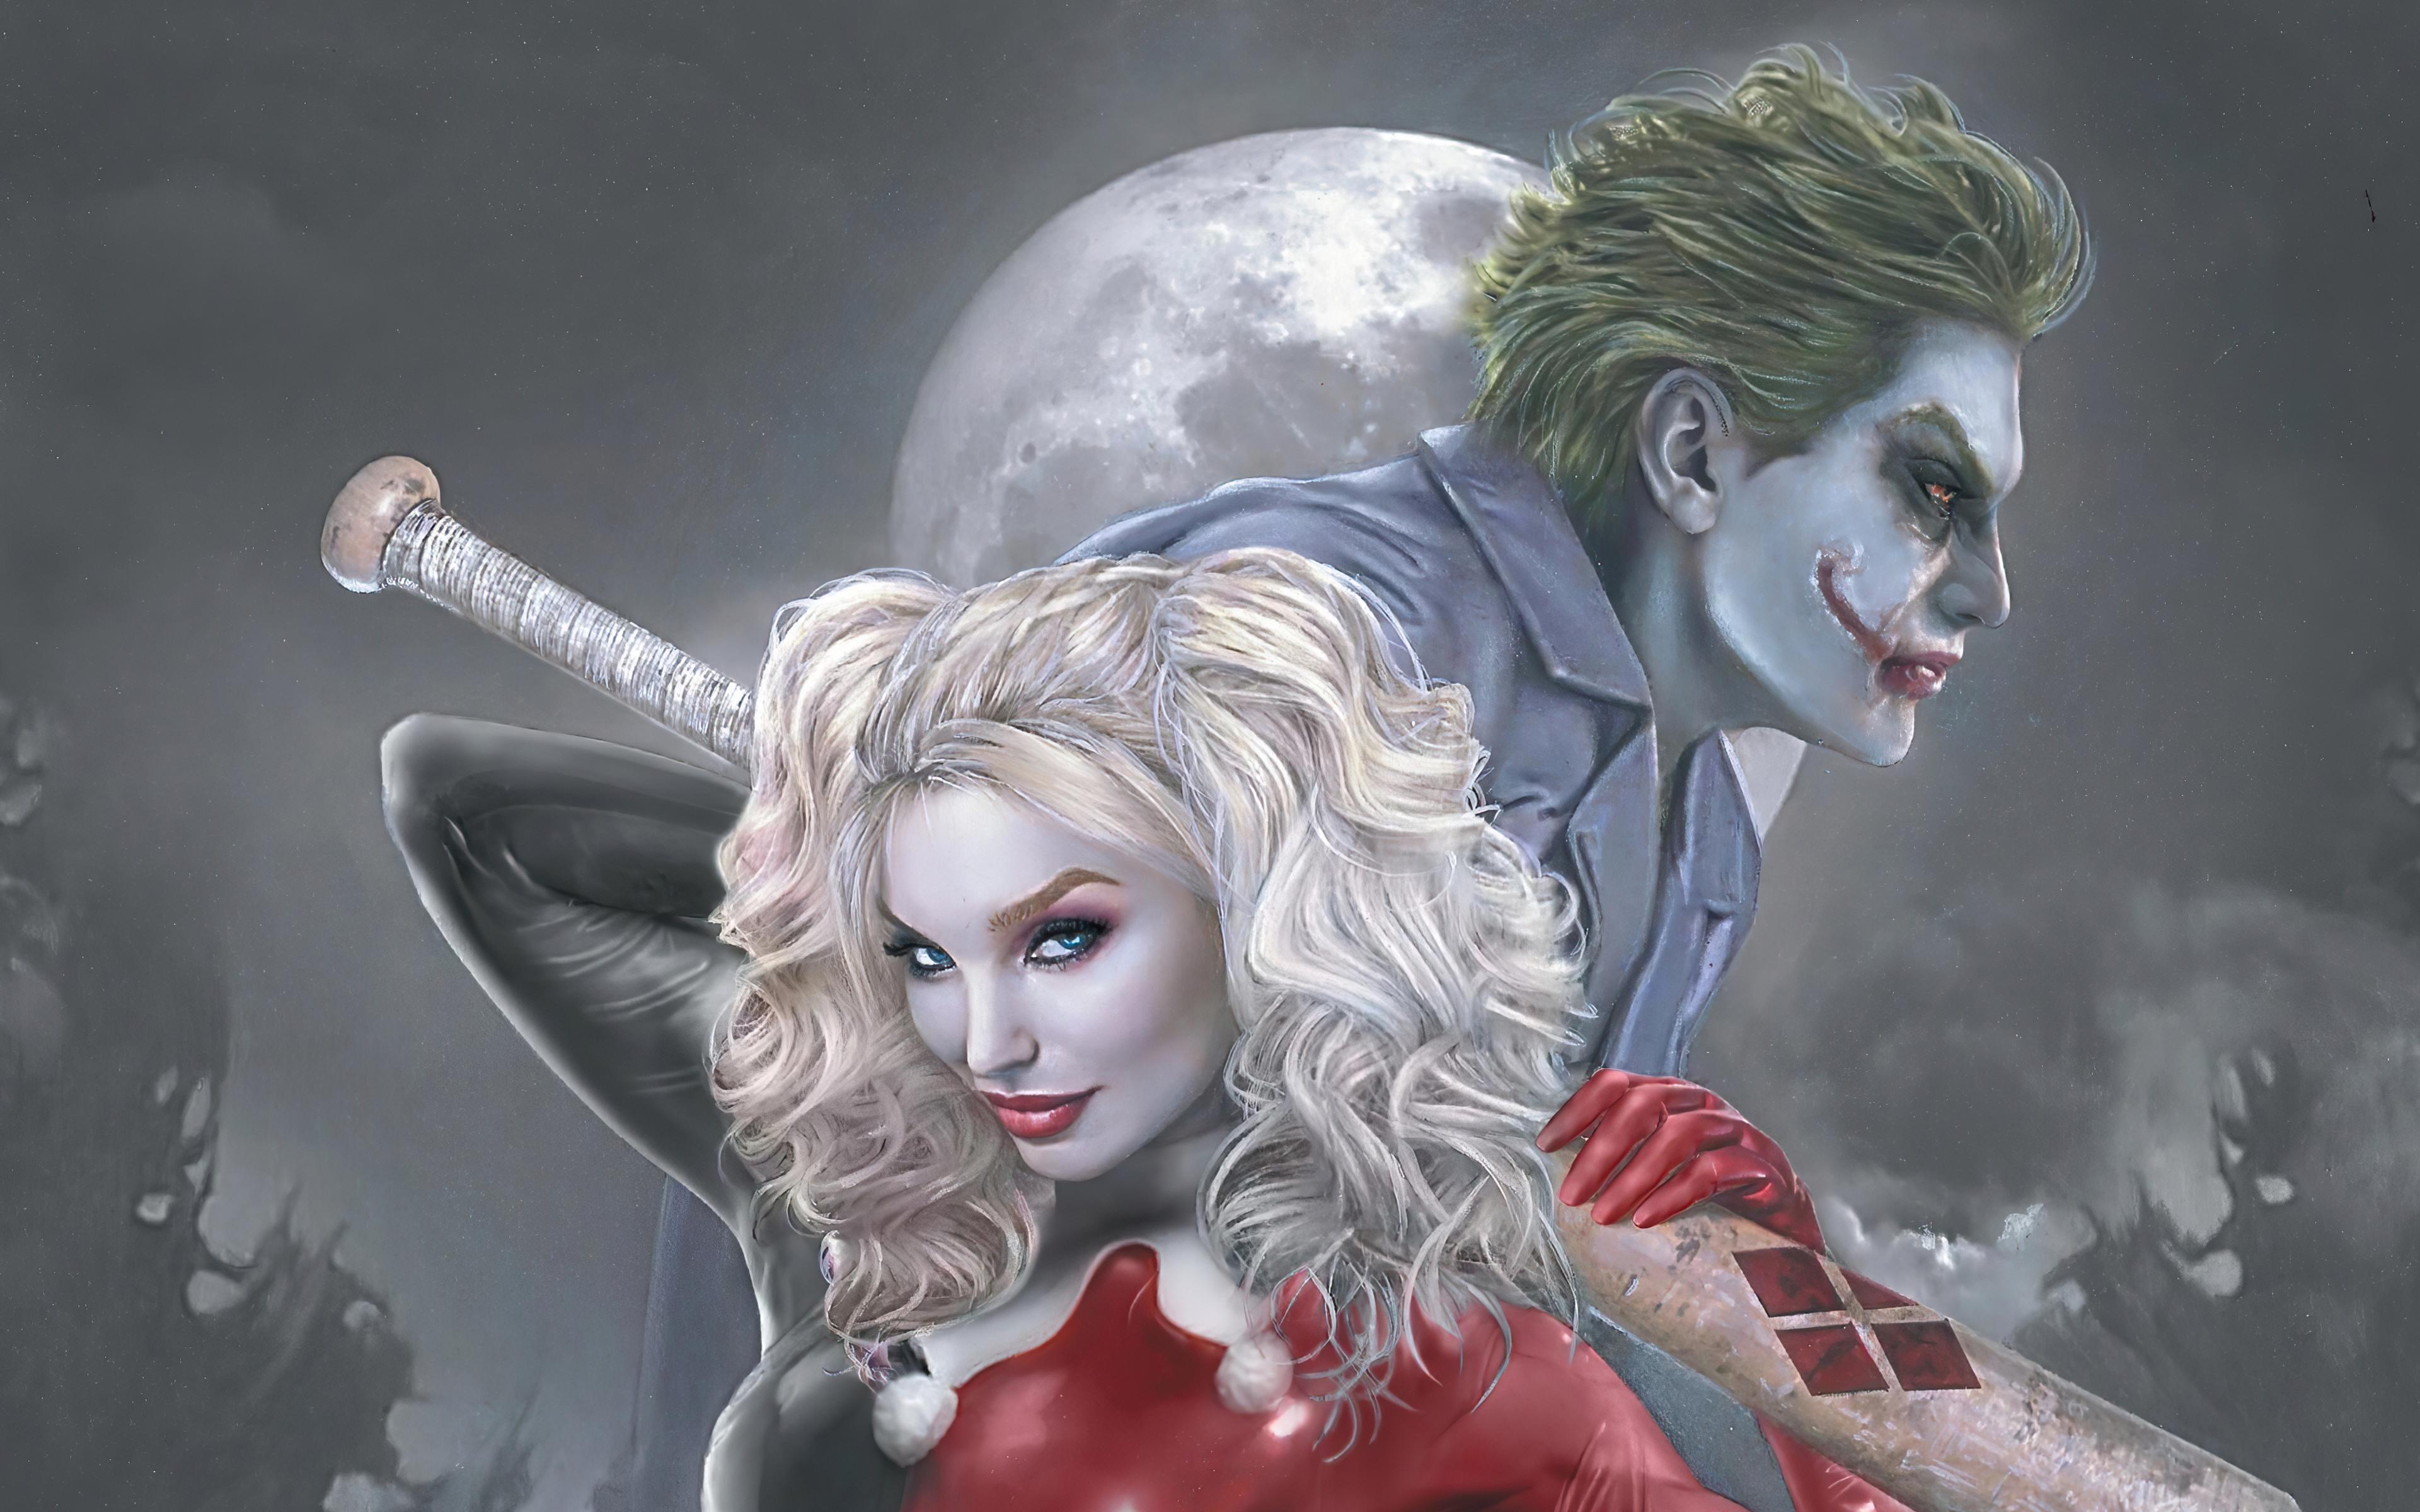 3840x2400 Joker And Harley Quinn 4k New 4k HD 4k ...